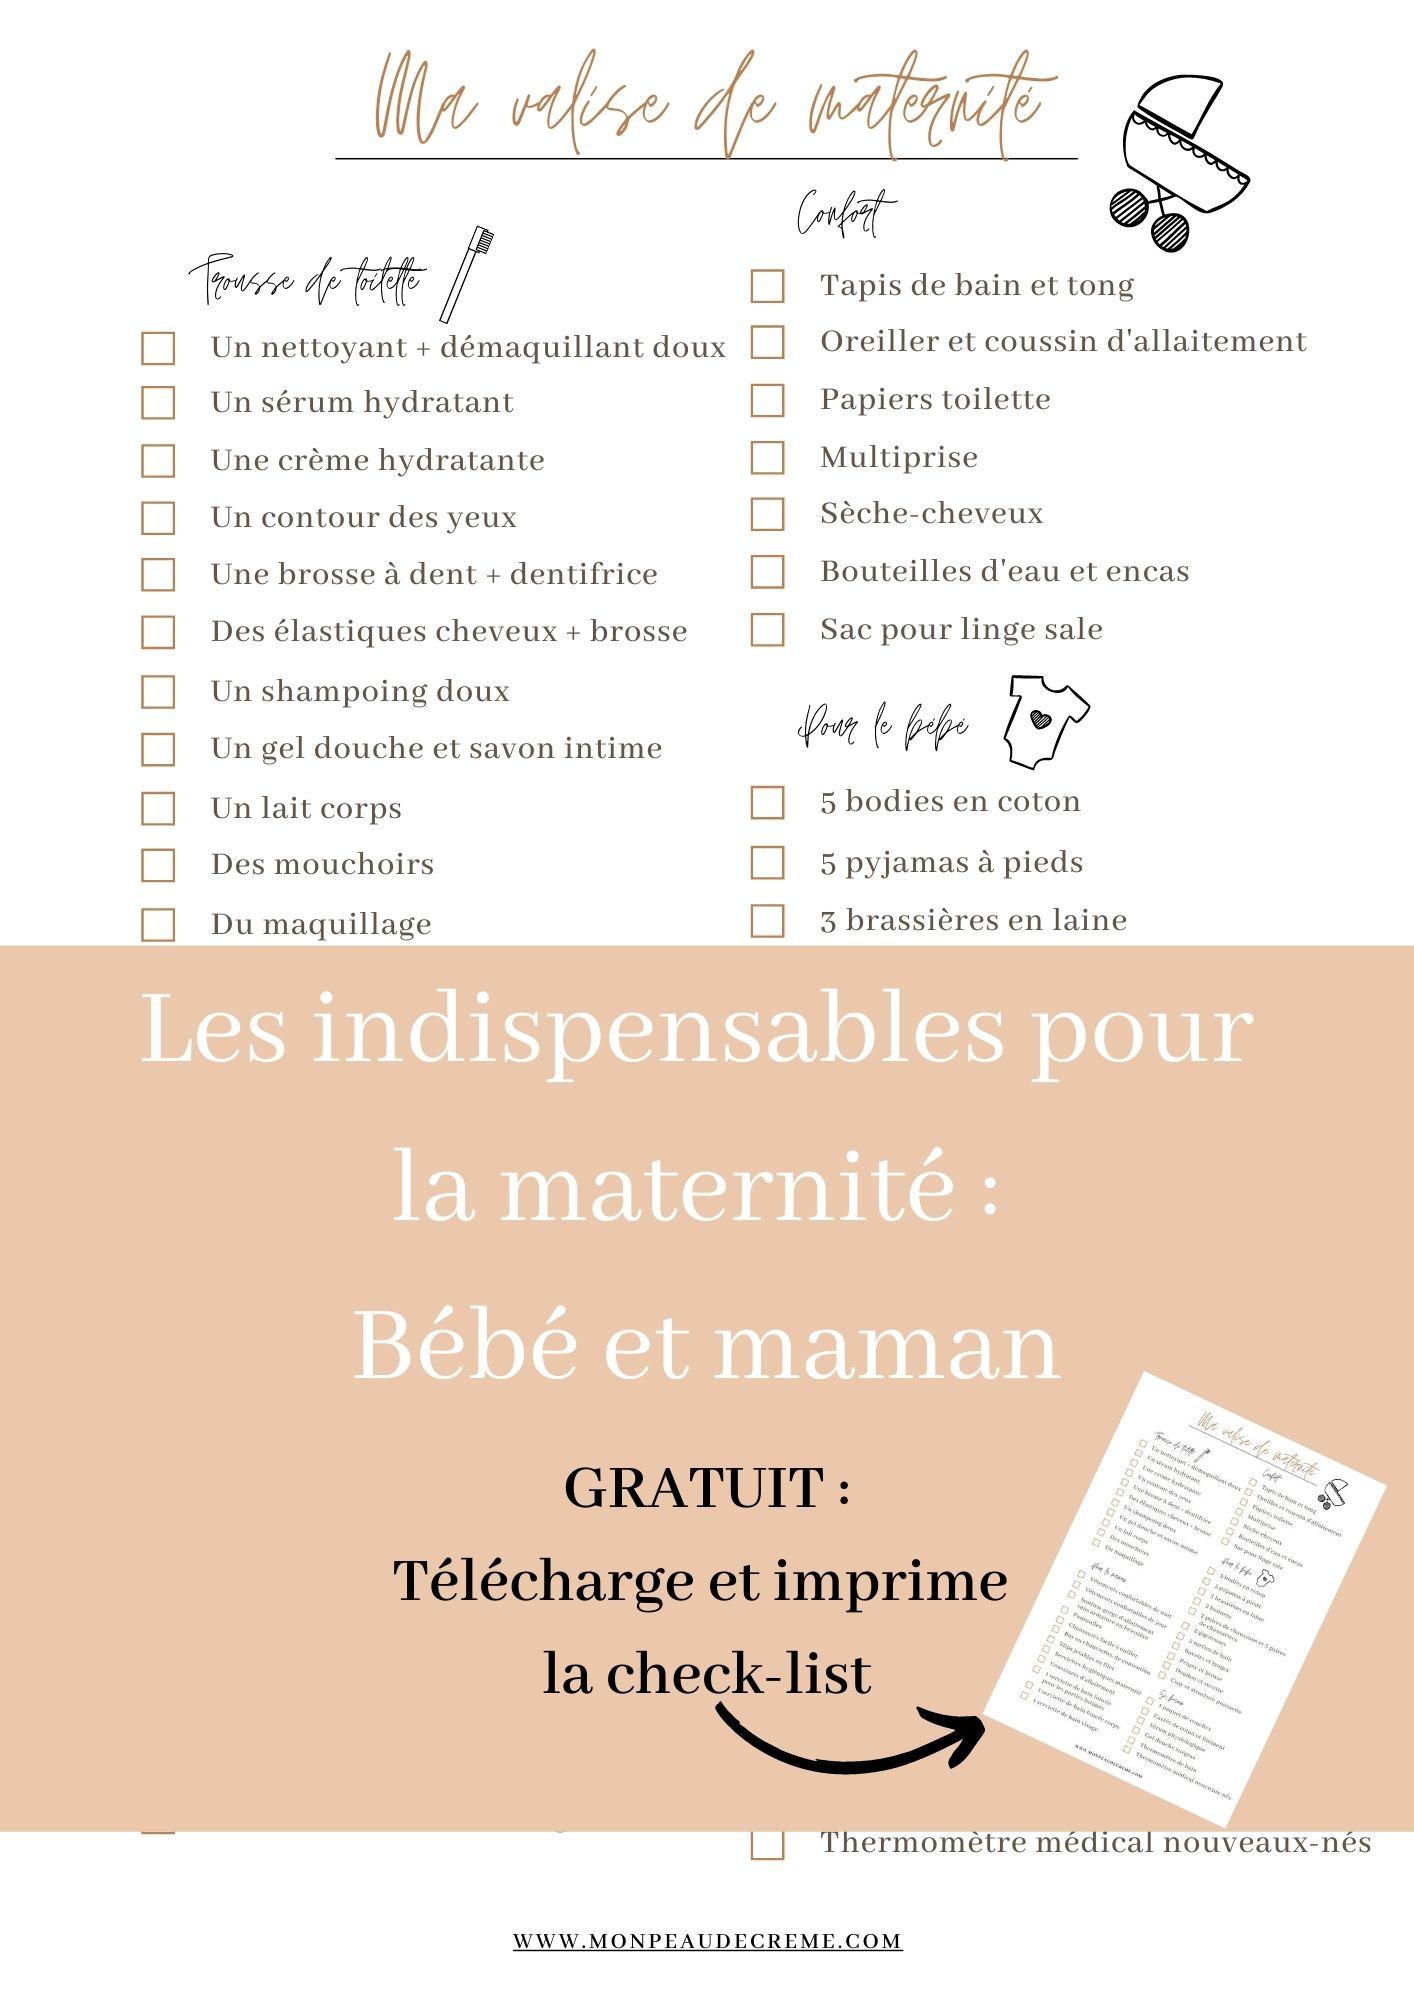 Liste valise de la maternité- bébé et maman - Mon peau de crème